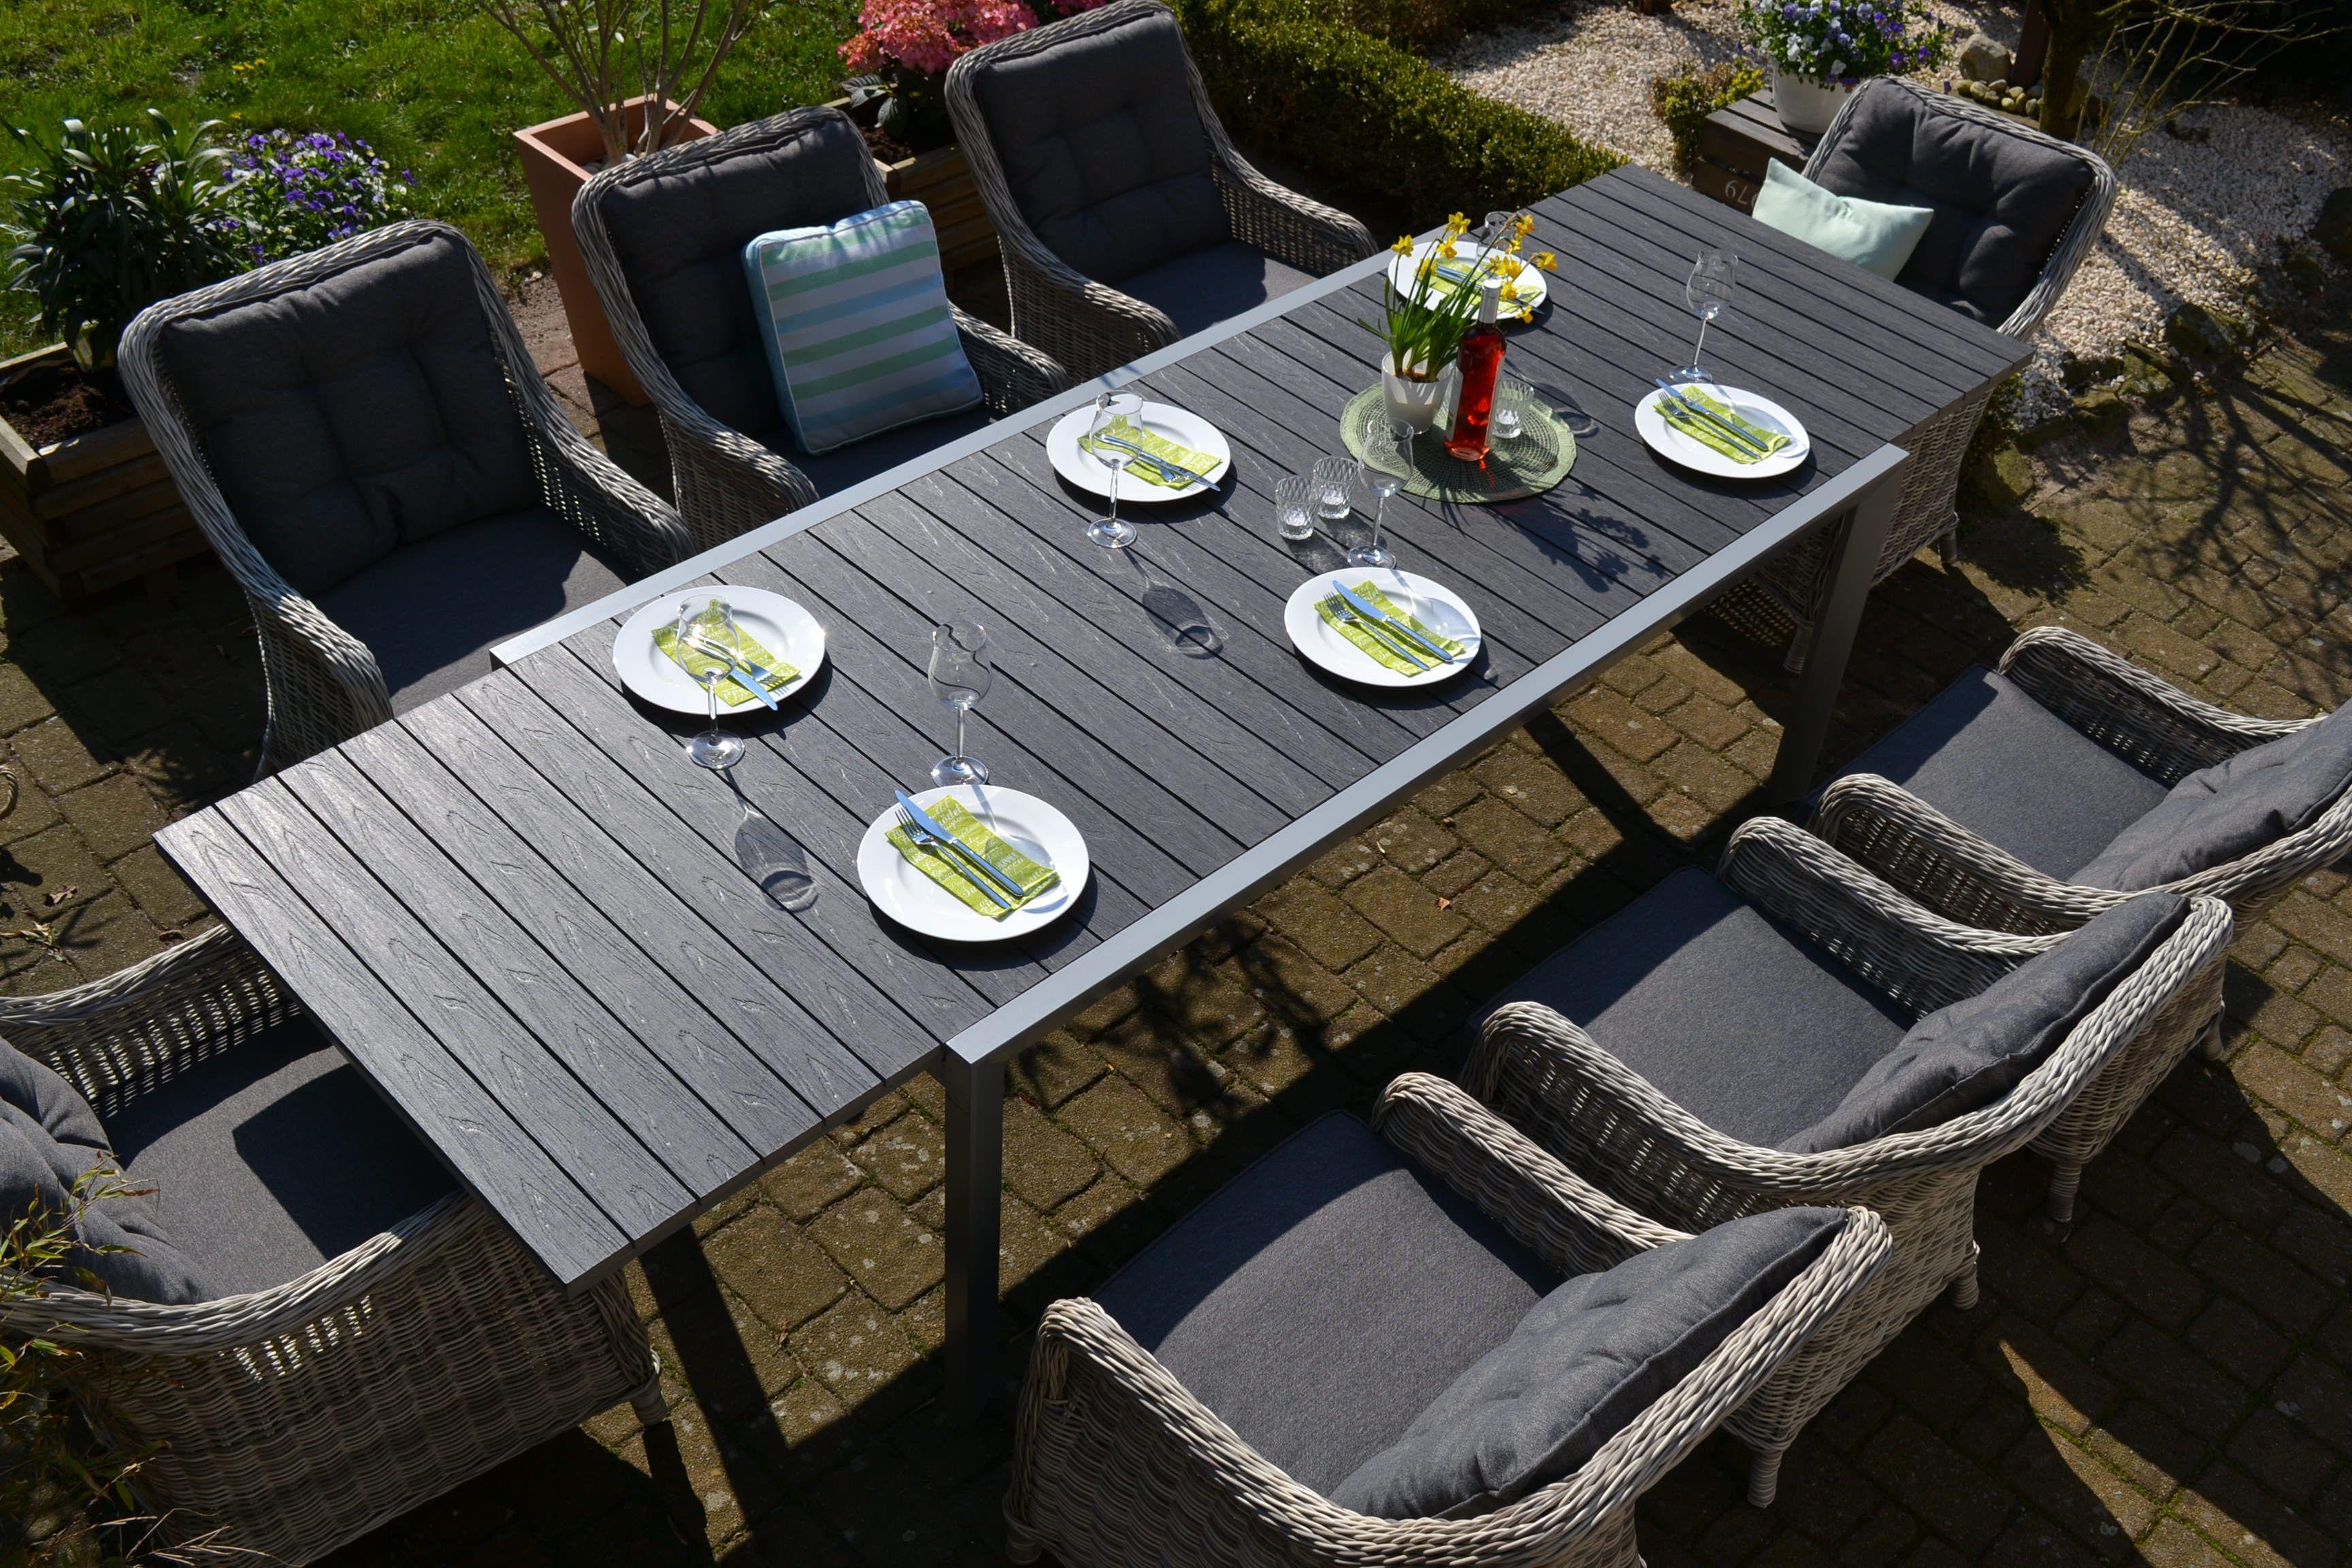 Essgruppe Neapel Xl Tisch Verlangerbar 203 305x100cm 8 Sessel Grau Polster Grau Aussenmobel Sessel Grau Essgruppe